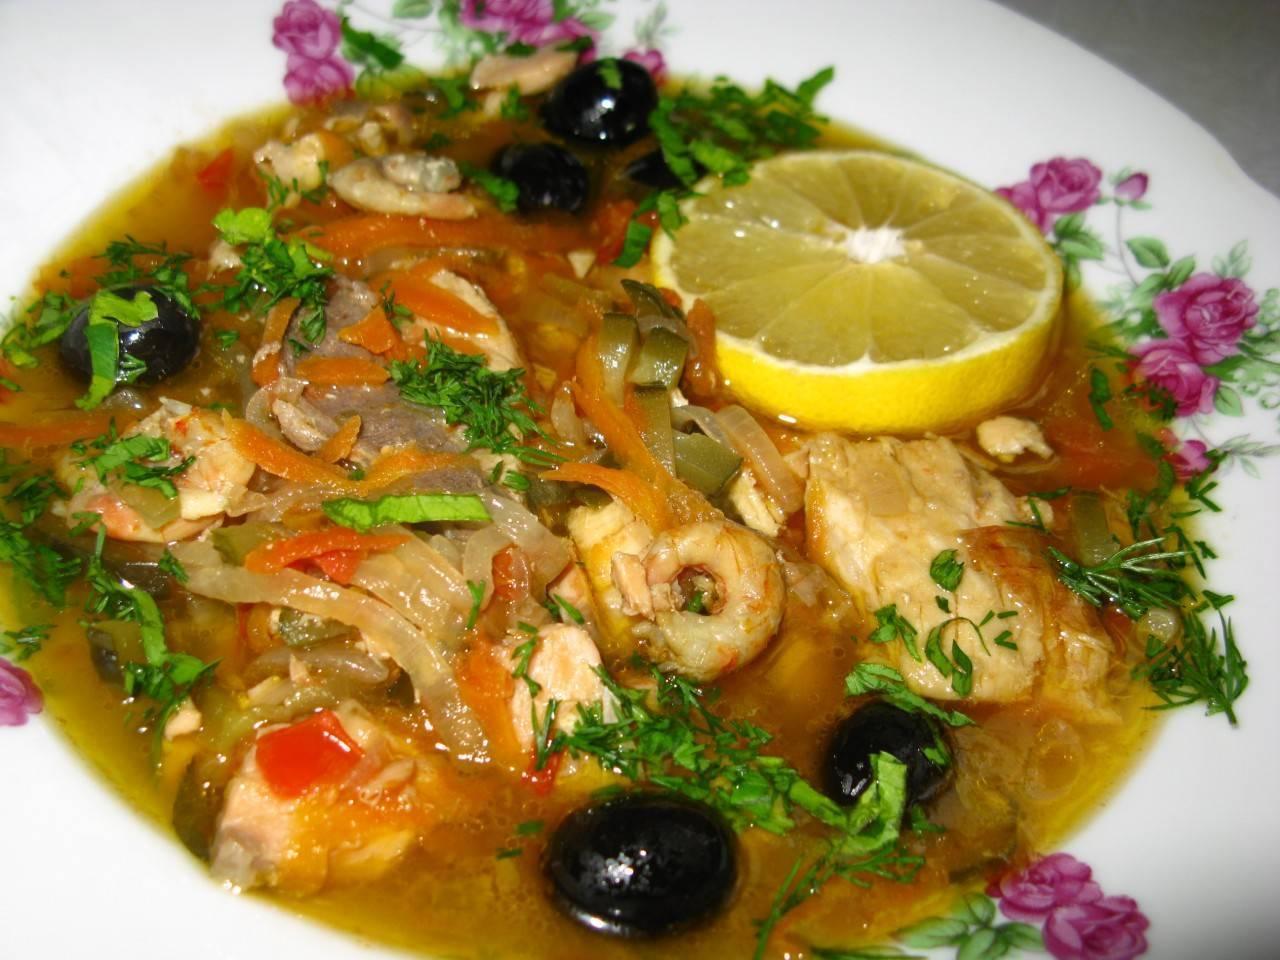 Суп рыбная солянка классическая рецепт с фото пошагово - 1000.menu